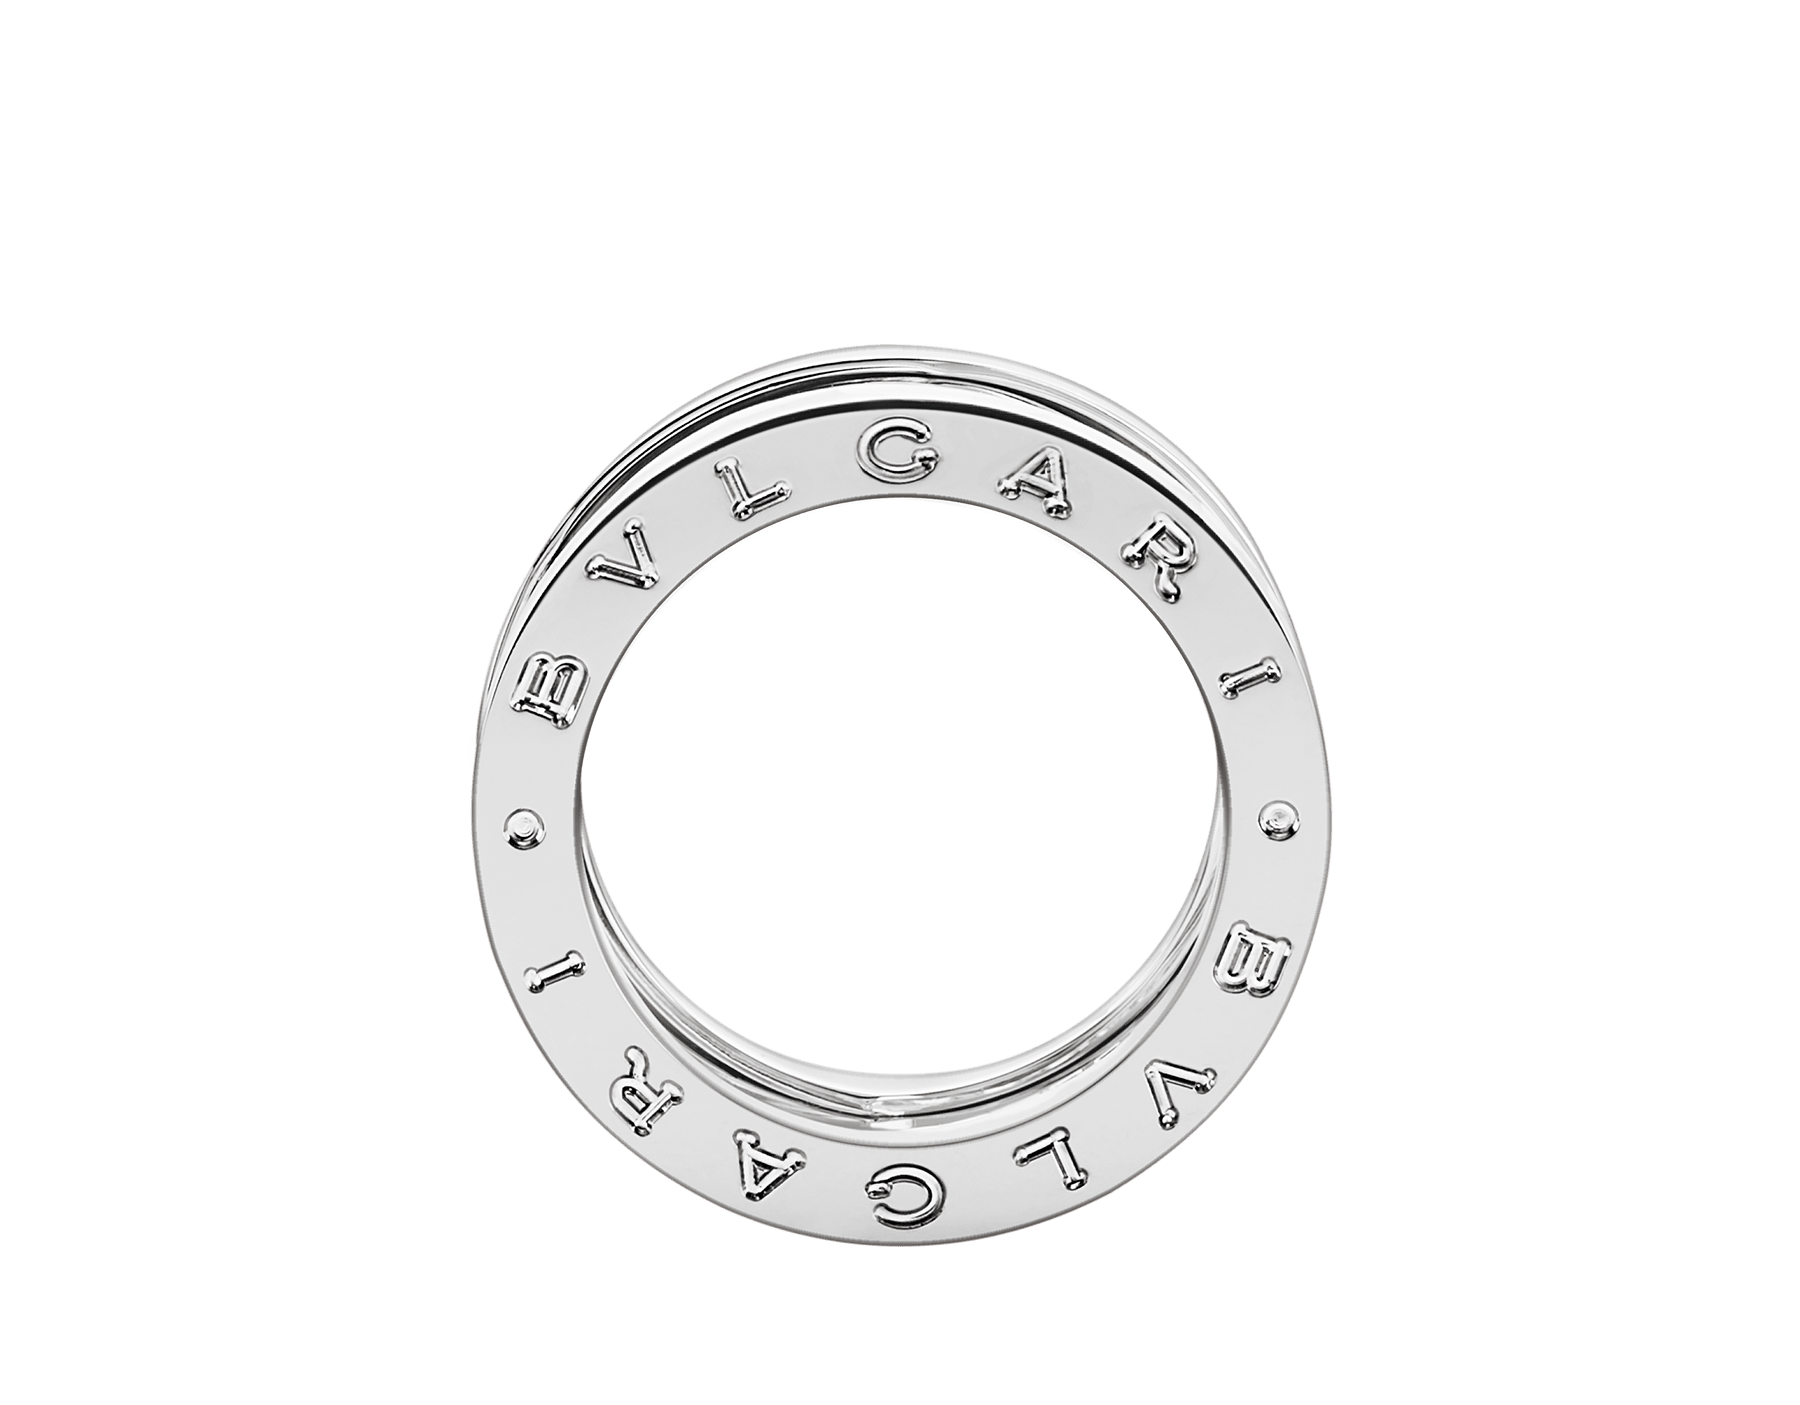 خاتم «بي.زيرو1 ديزاين ليدجند» من الذهب الأبيض عيار 18 قيراطاً، مرصع بألماس مرصوف على الجزء اللولبي. AN858378 image 2